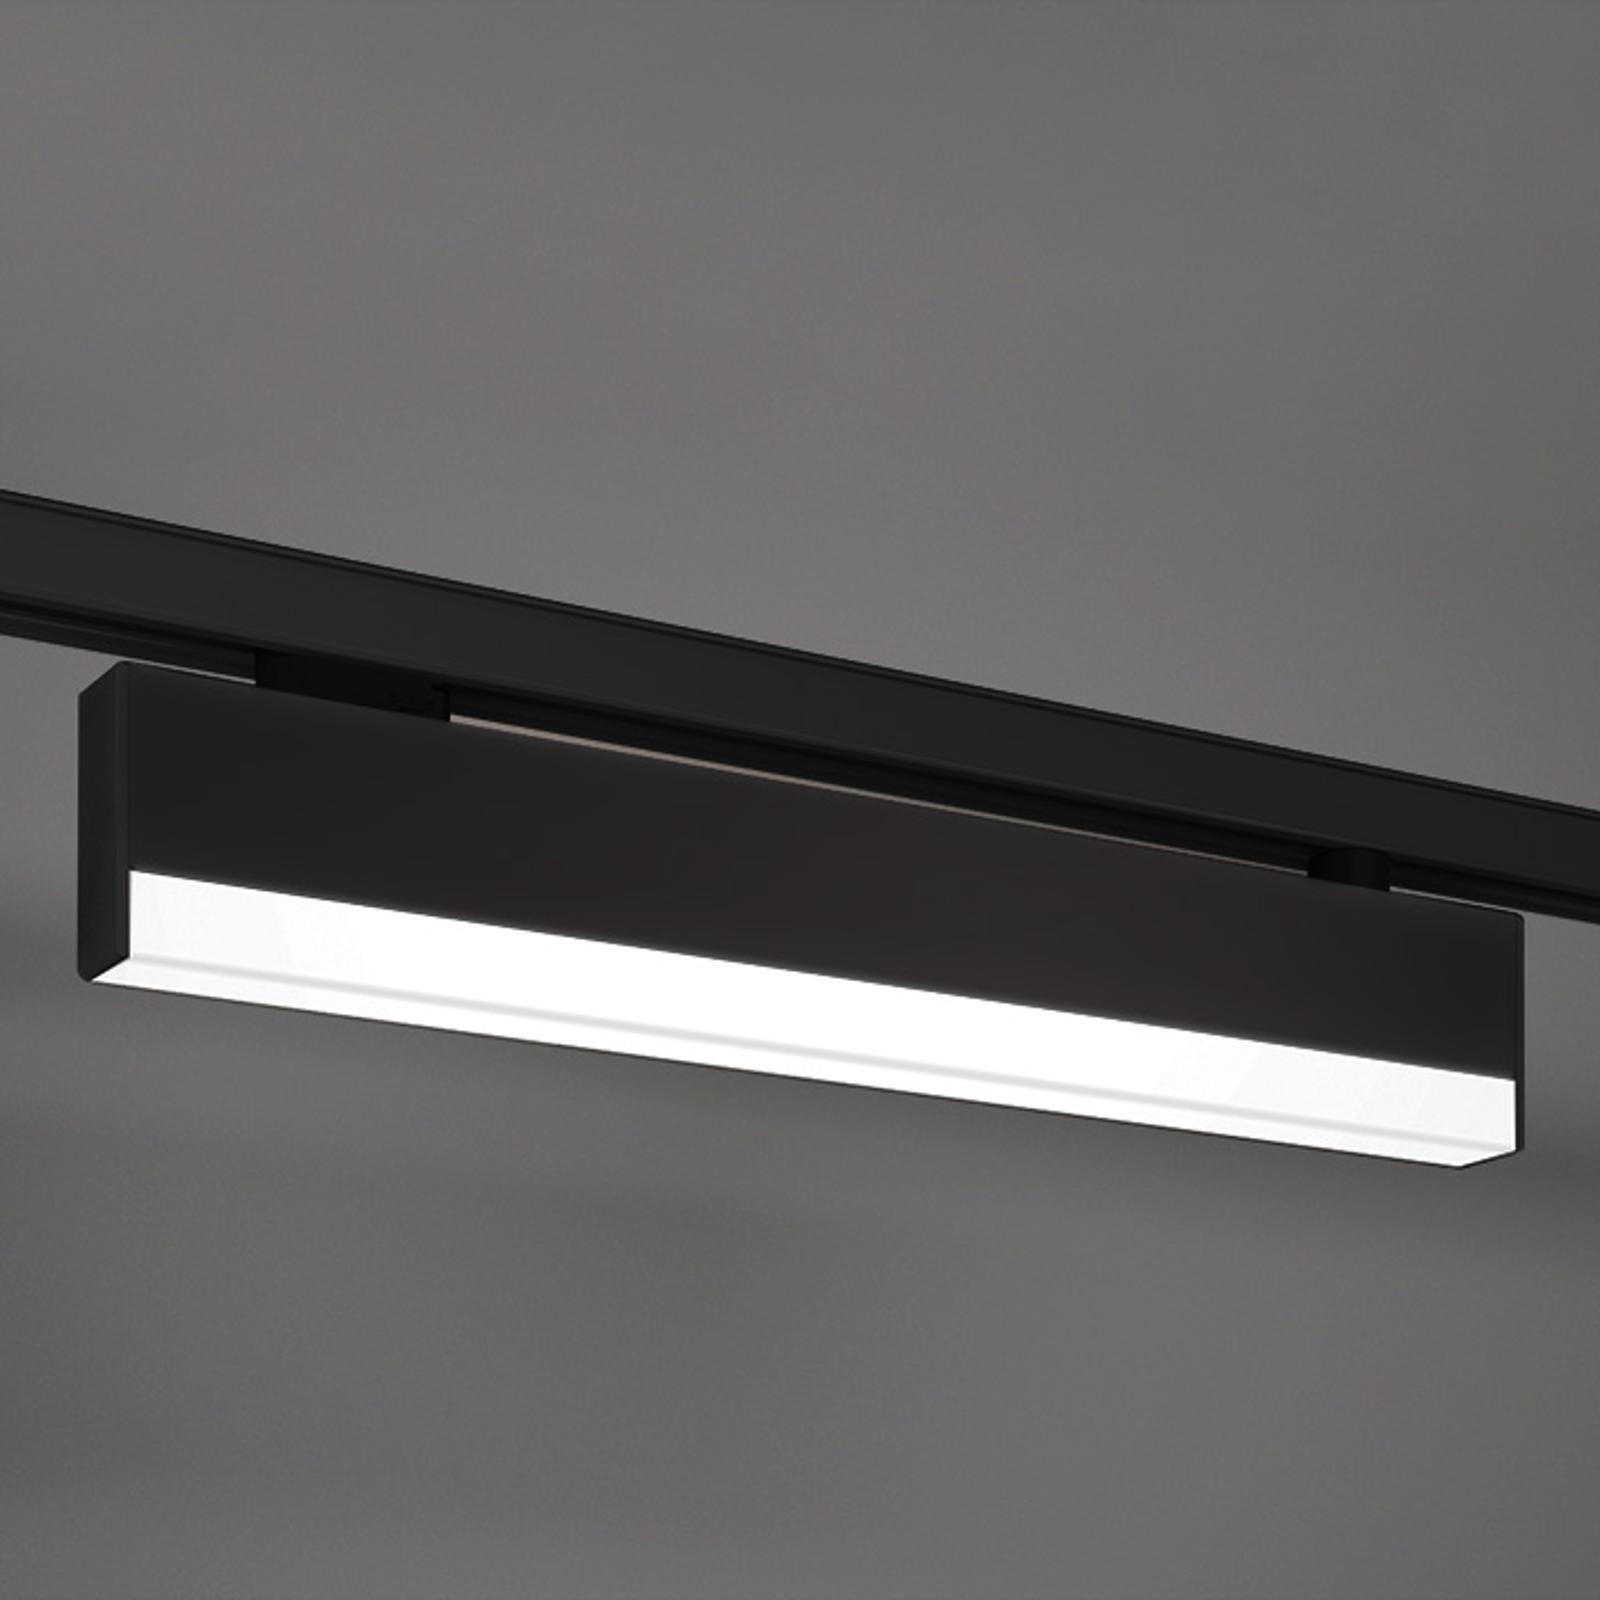 Lampa LED dla 3-fazowej szyny prądowej, czarna